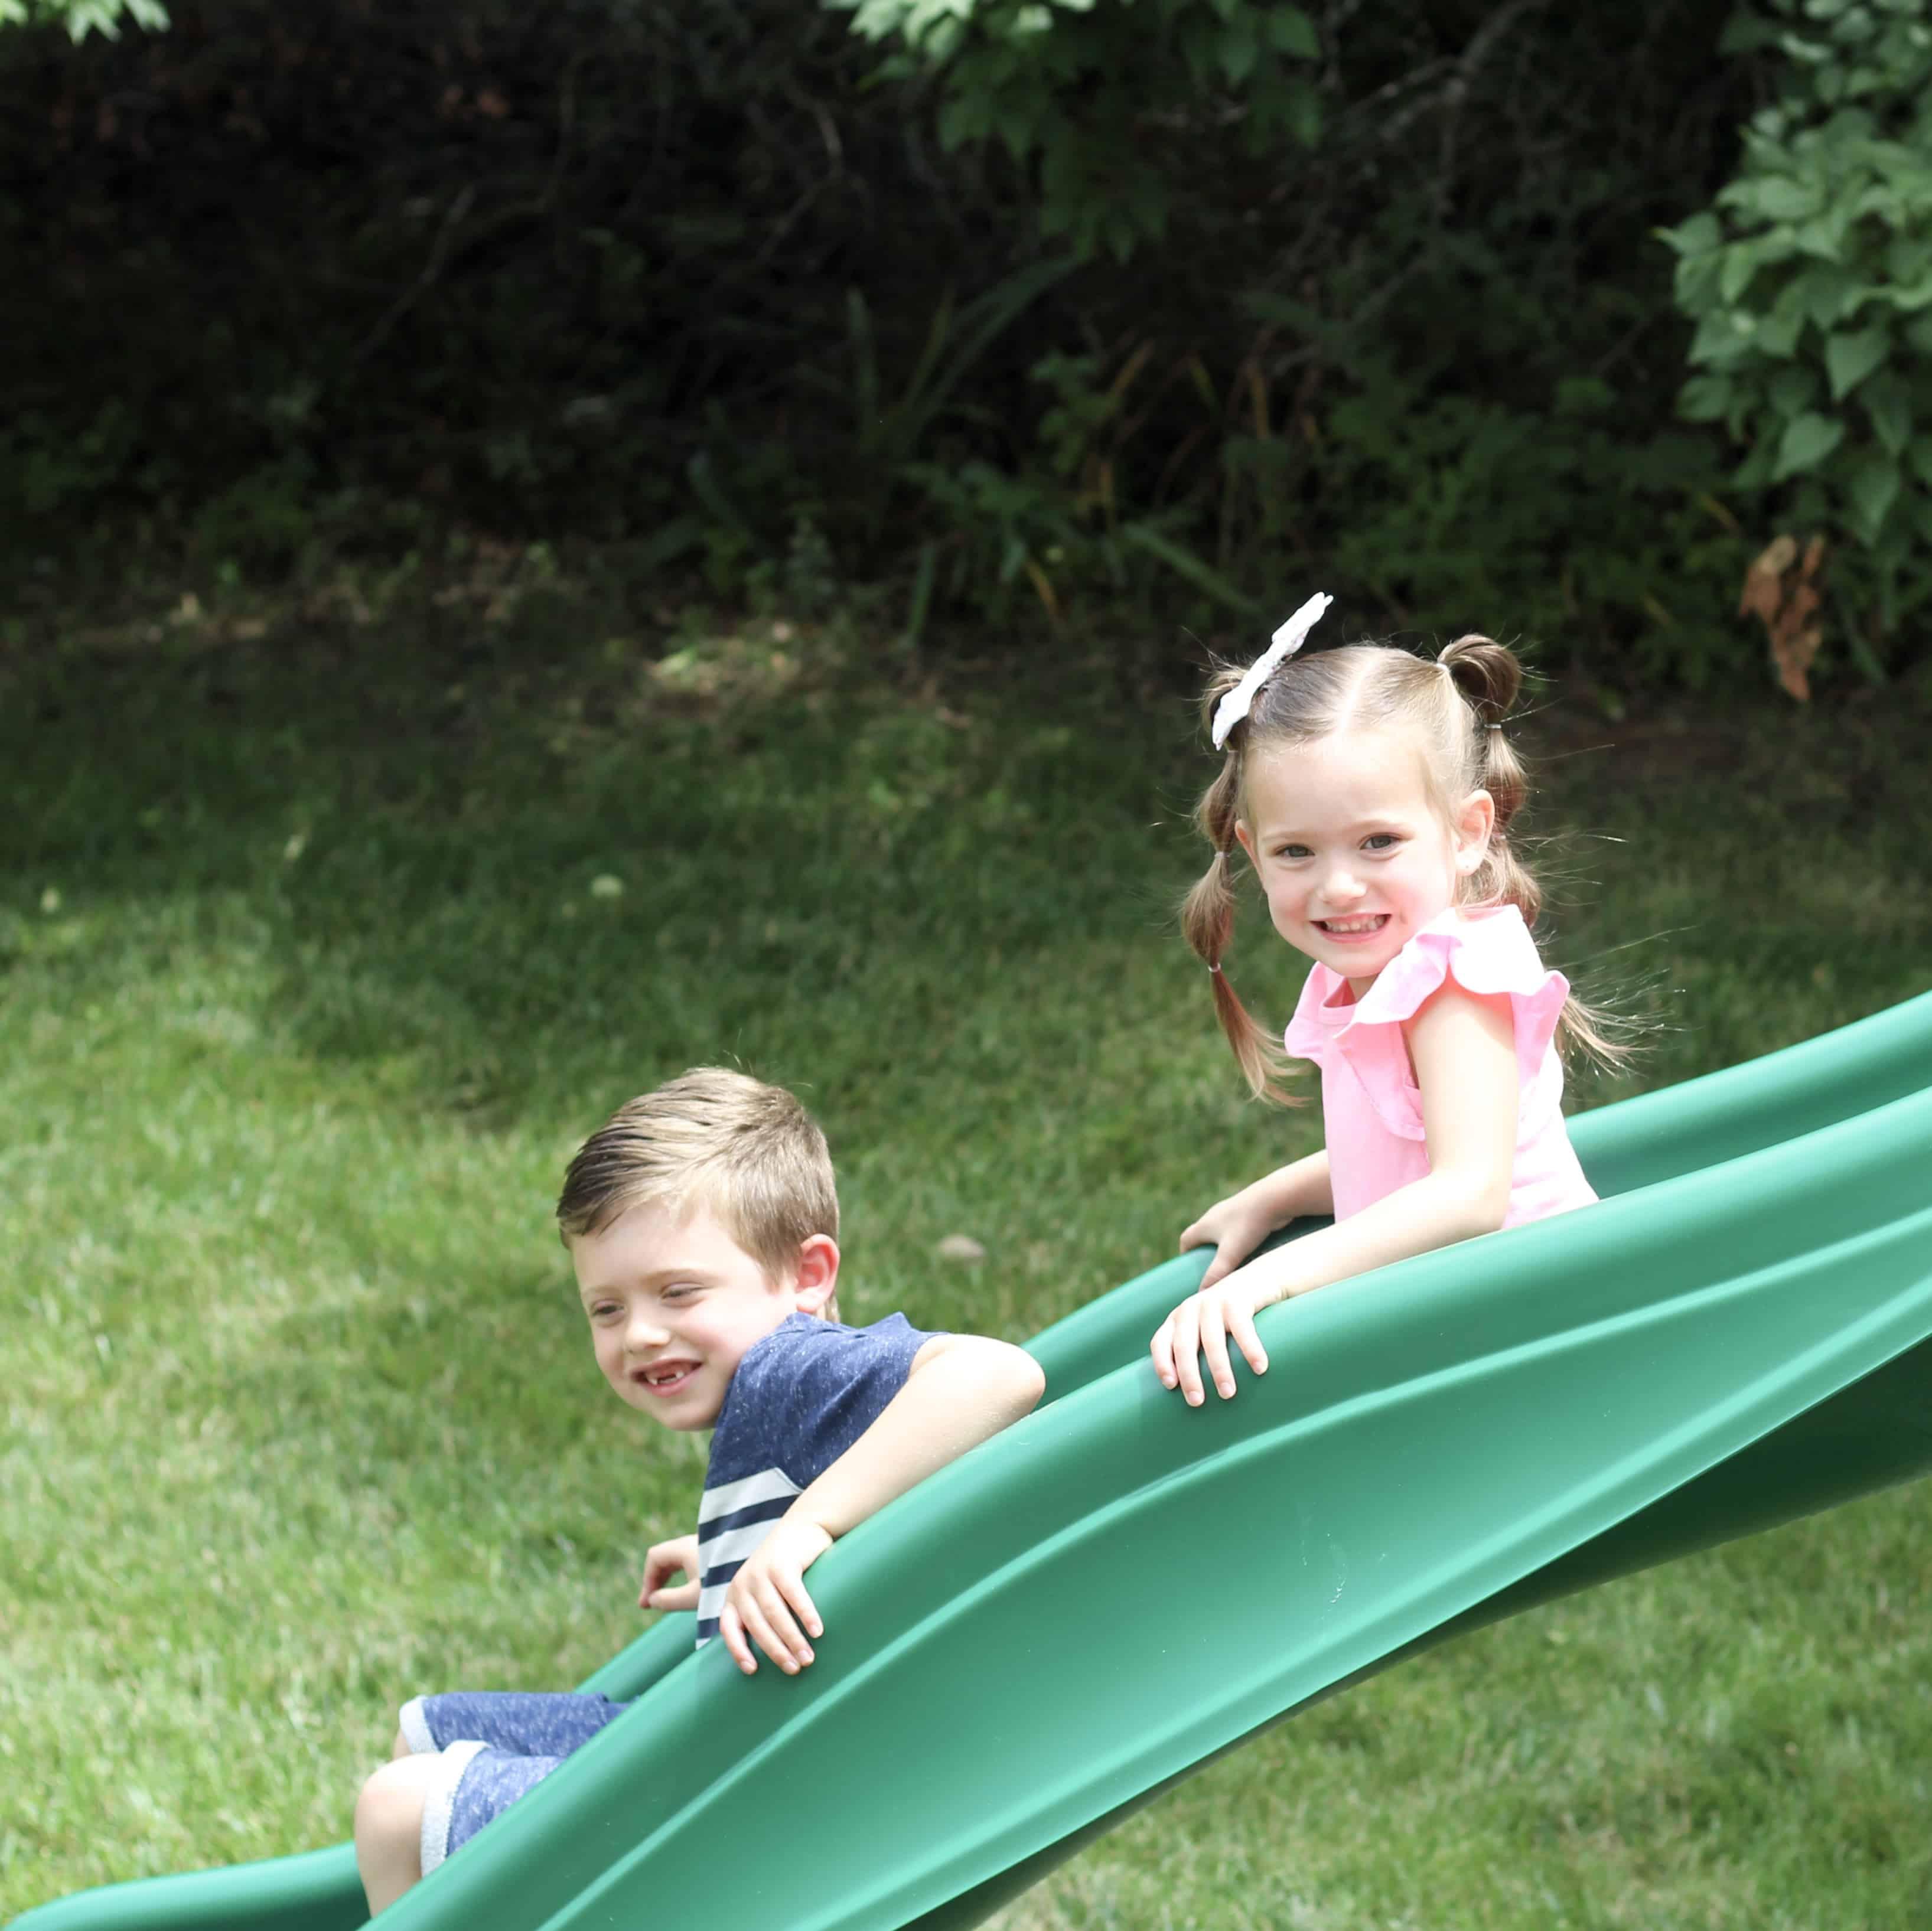 siblings going down slide